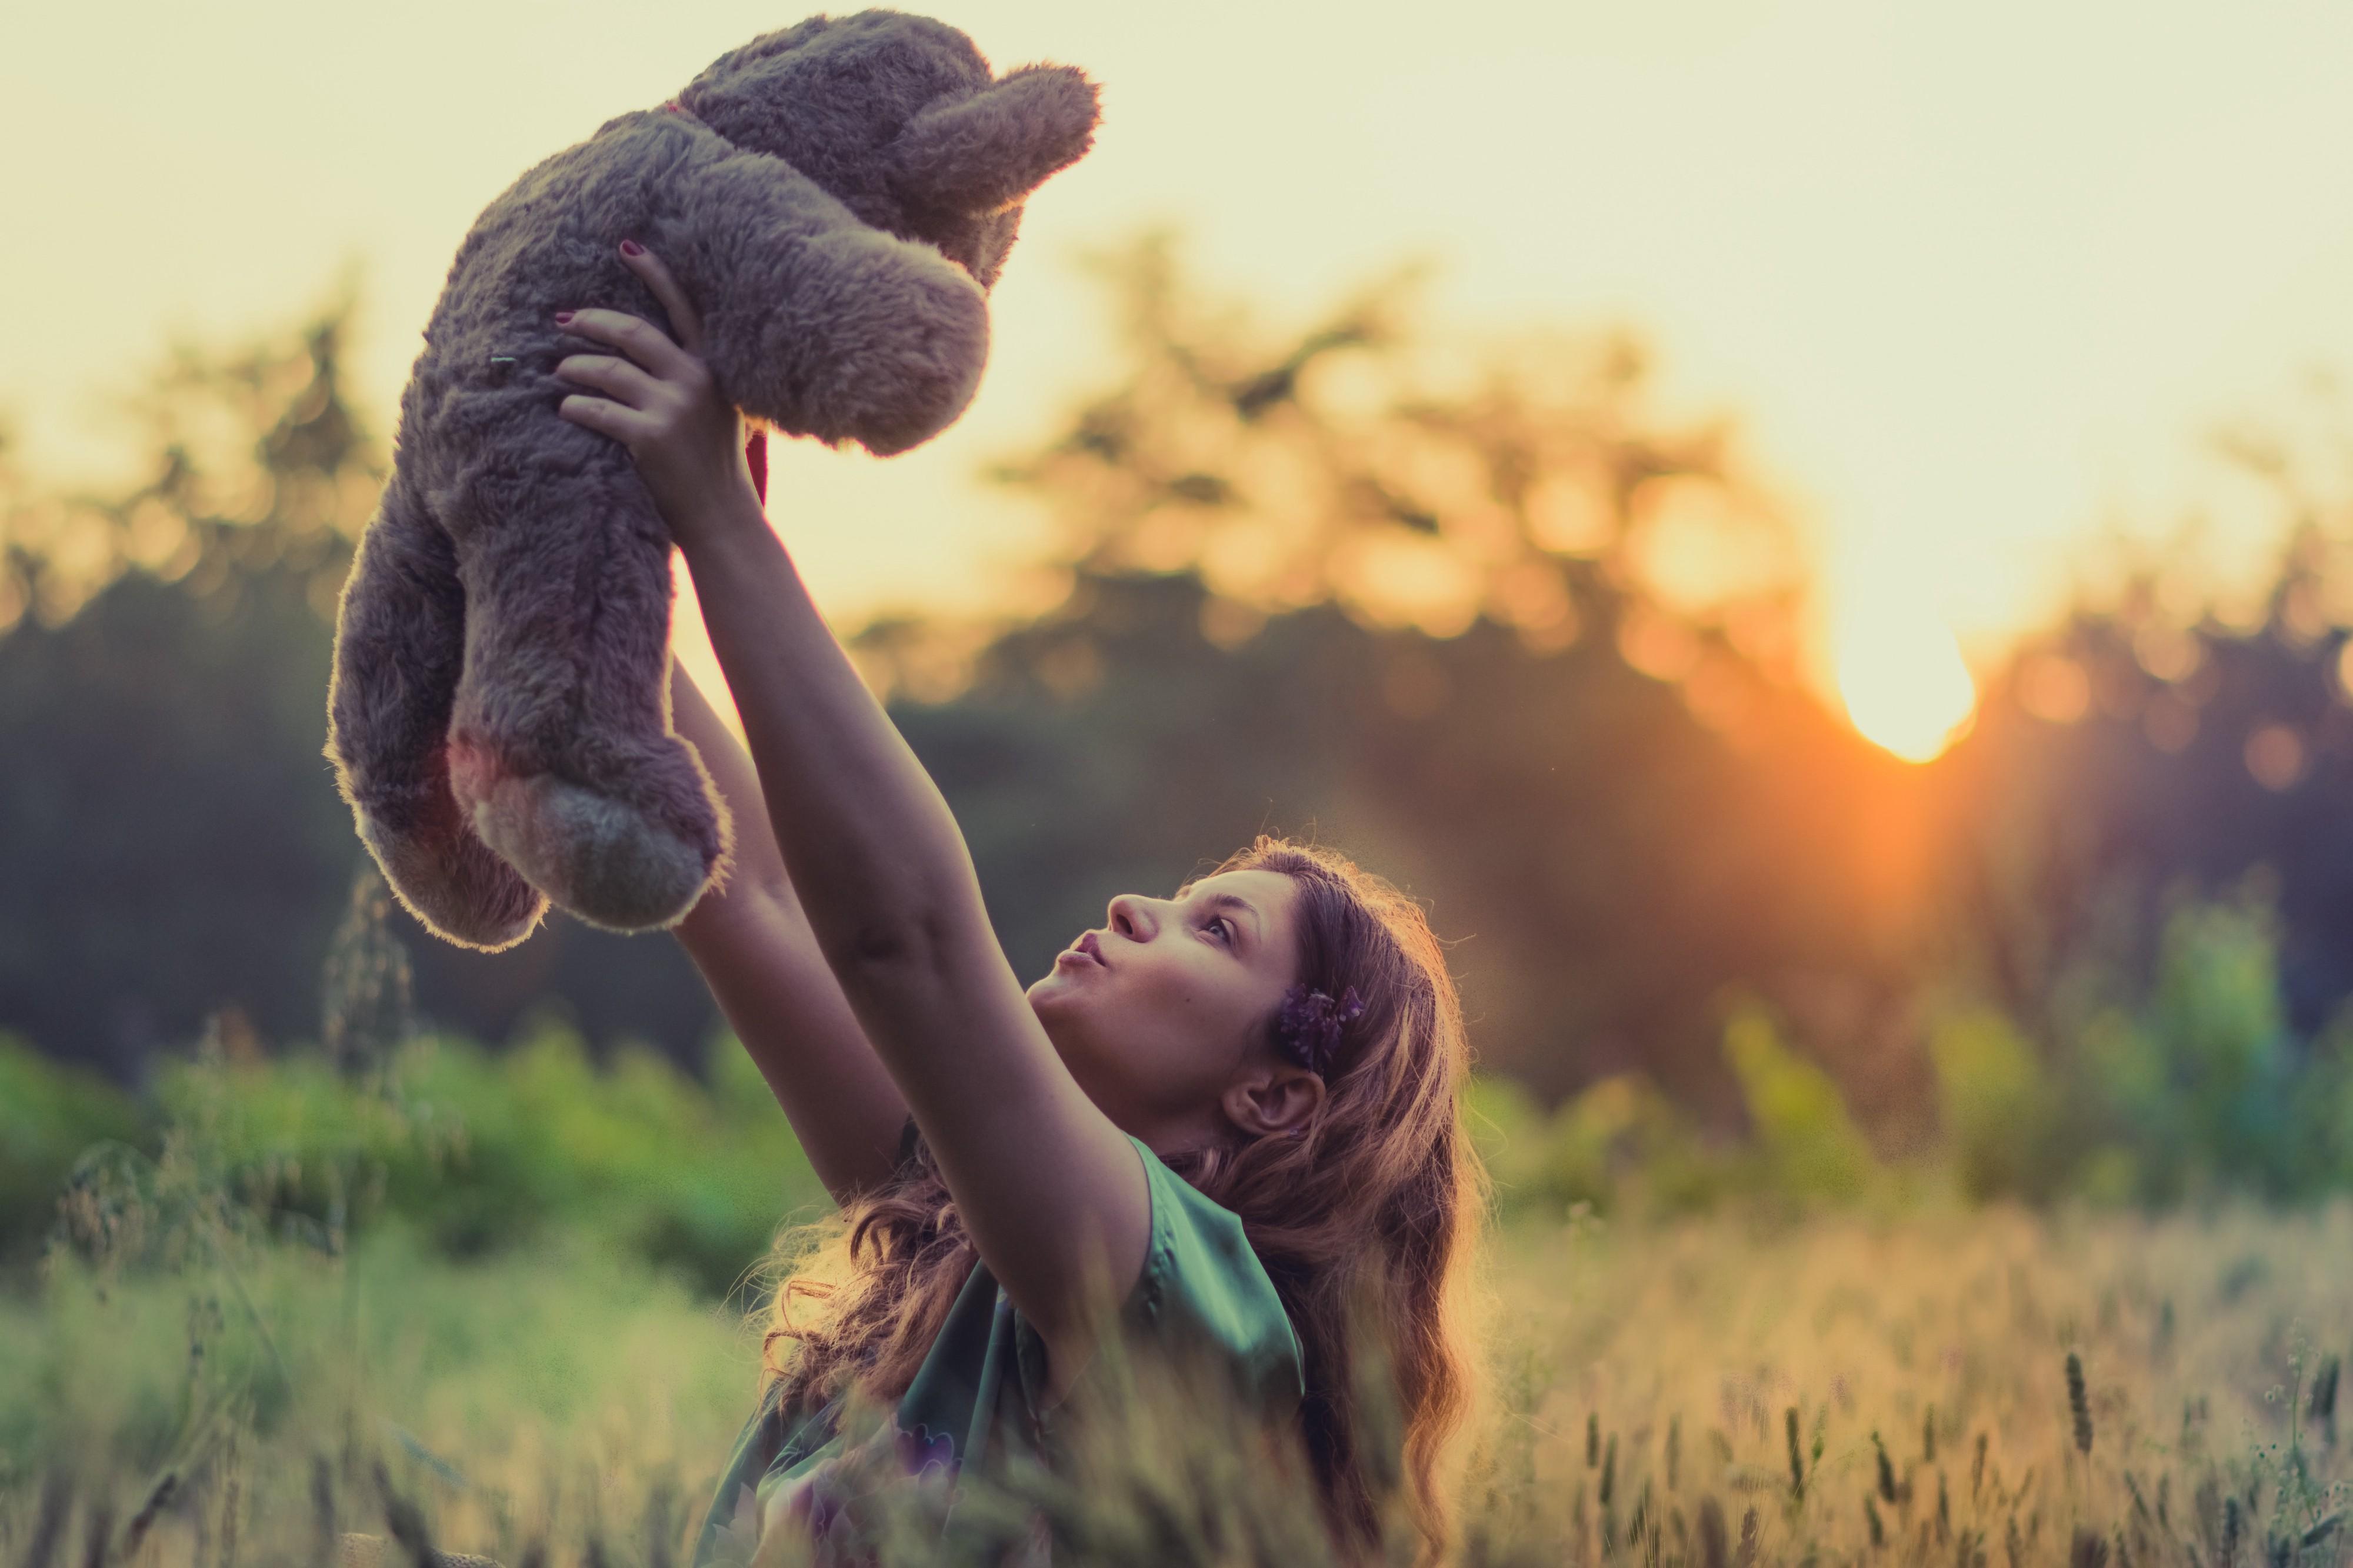 Что такое любовь ксебе ипринятие себя? любовь ксебе ипринятие себя — это… расписание тренингов. самопознание.ру